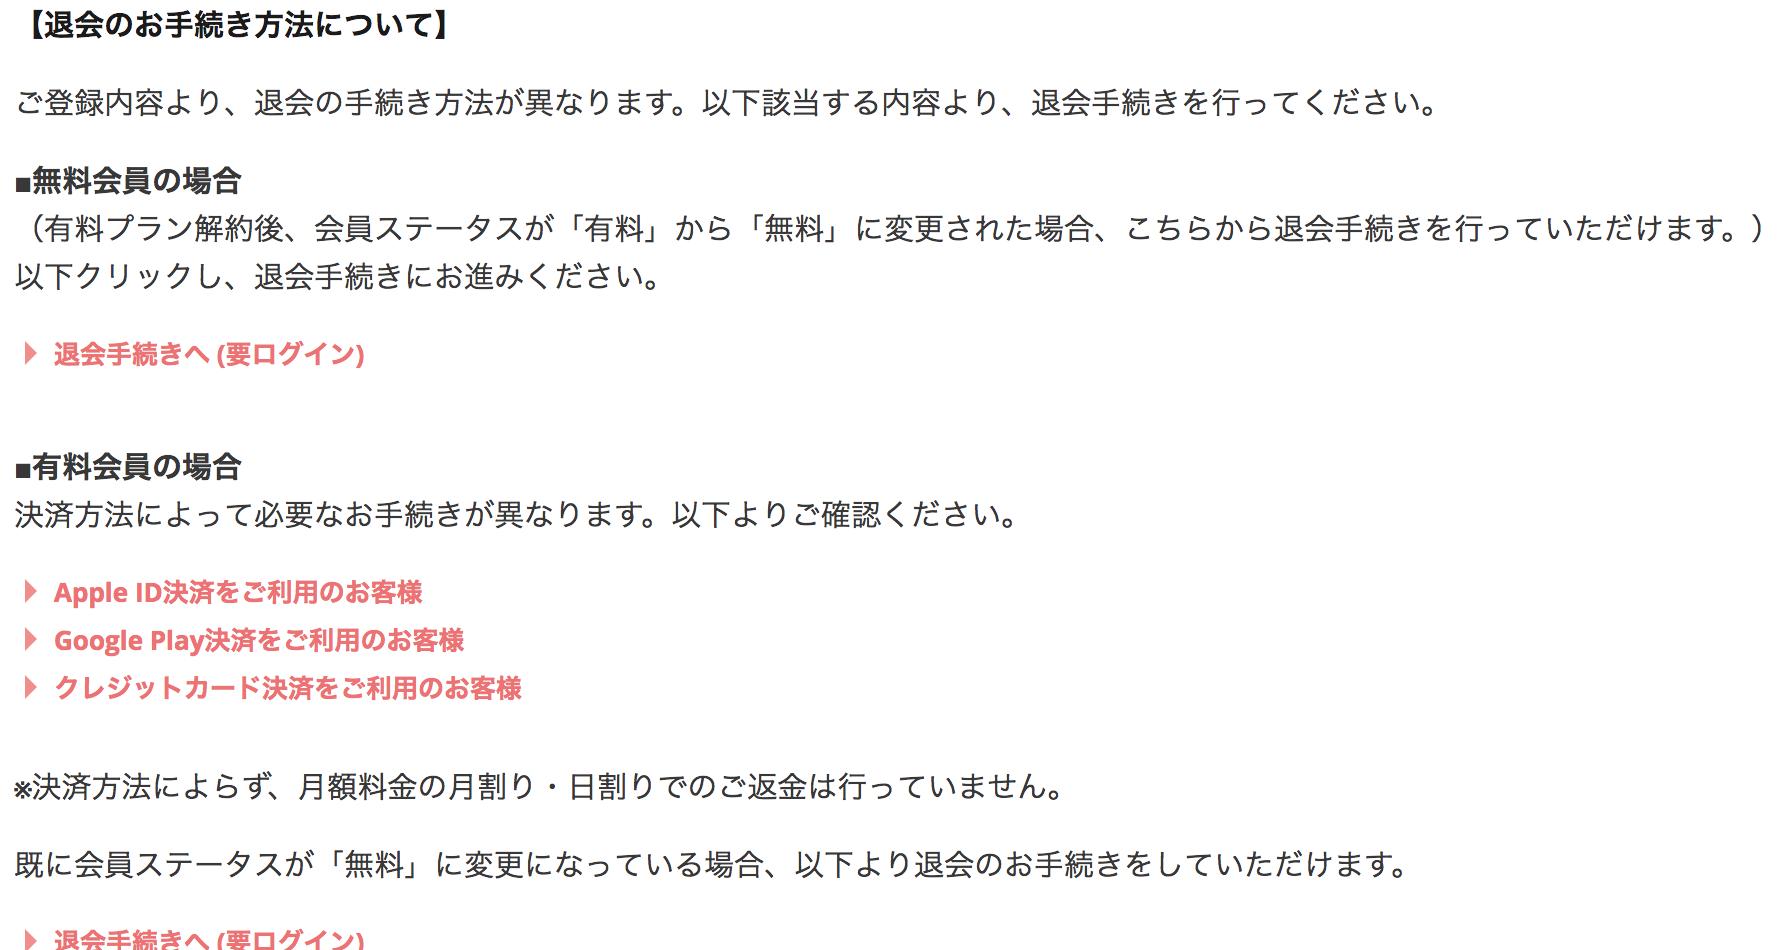 with PCブラウザからの退会の仕方